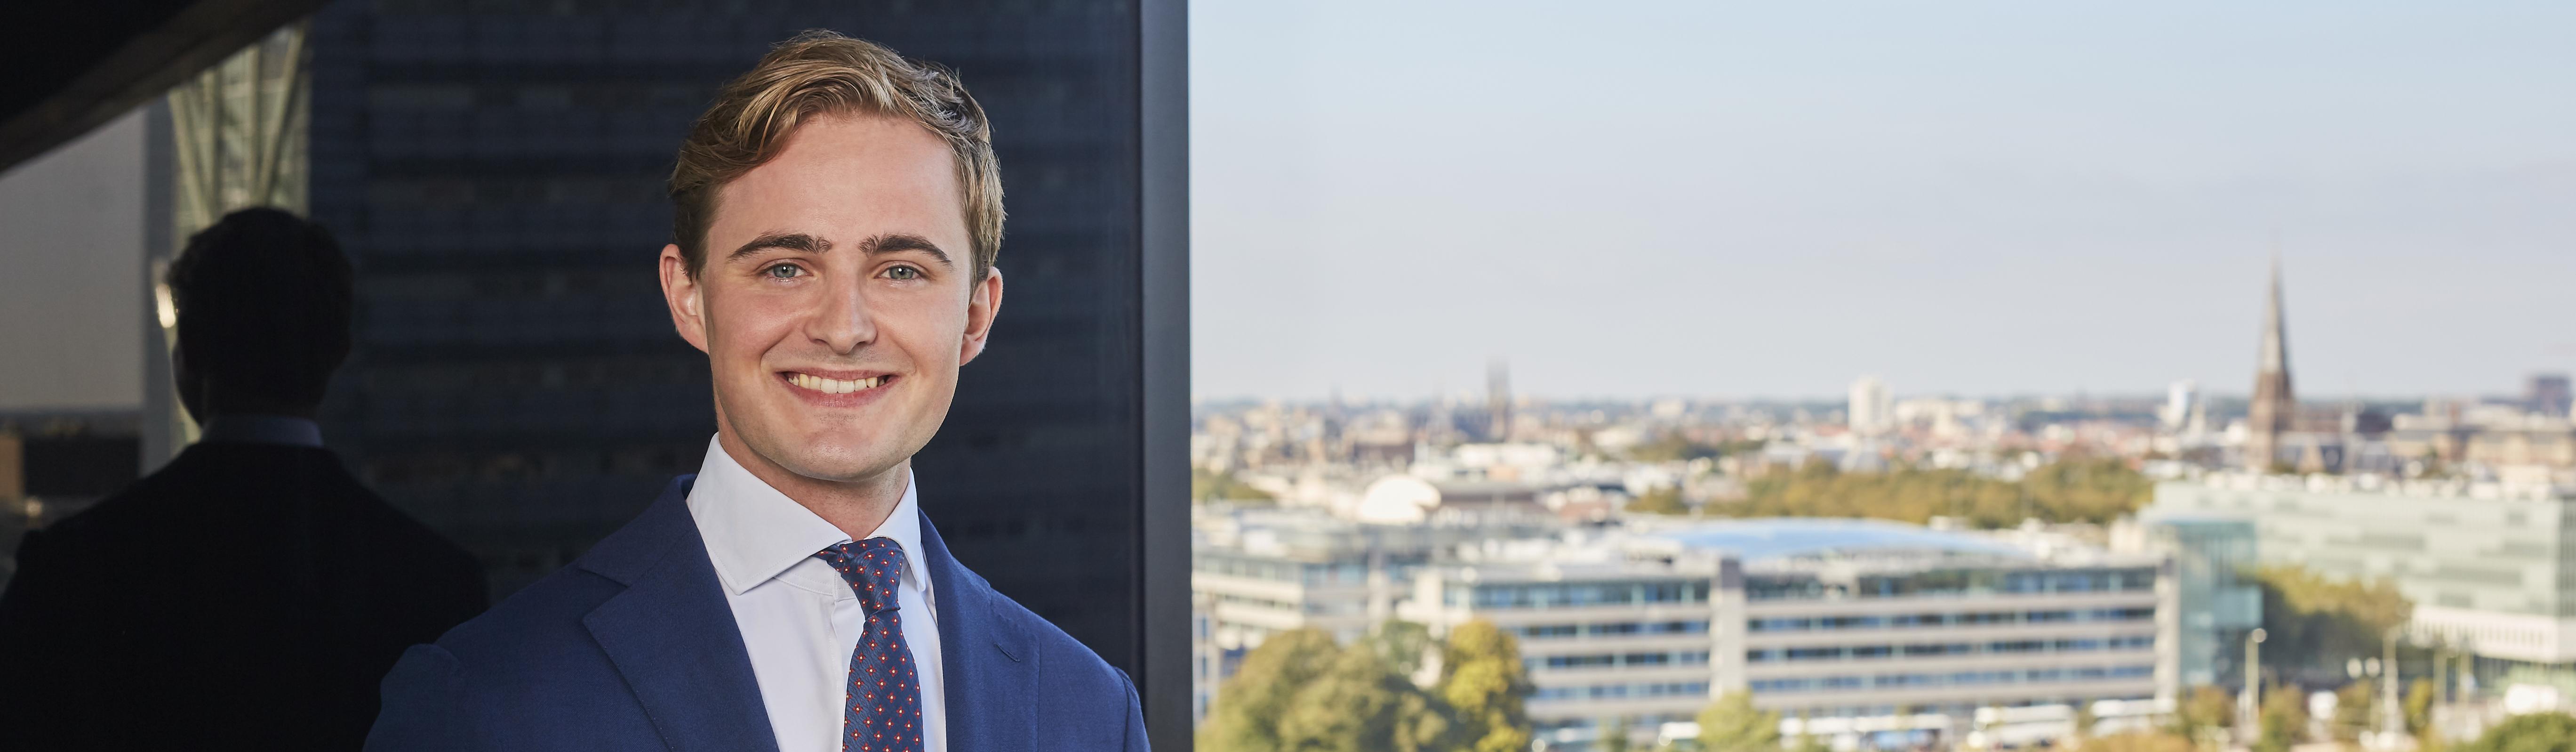 Thomas Burger, advocaat Pels Rijcken